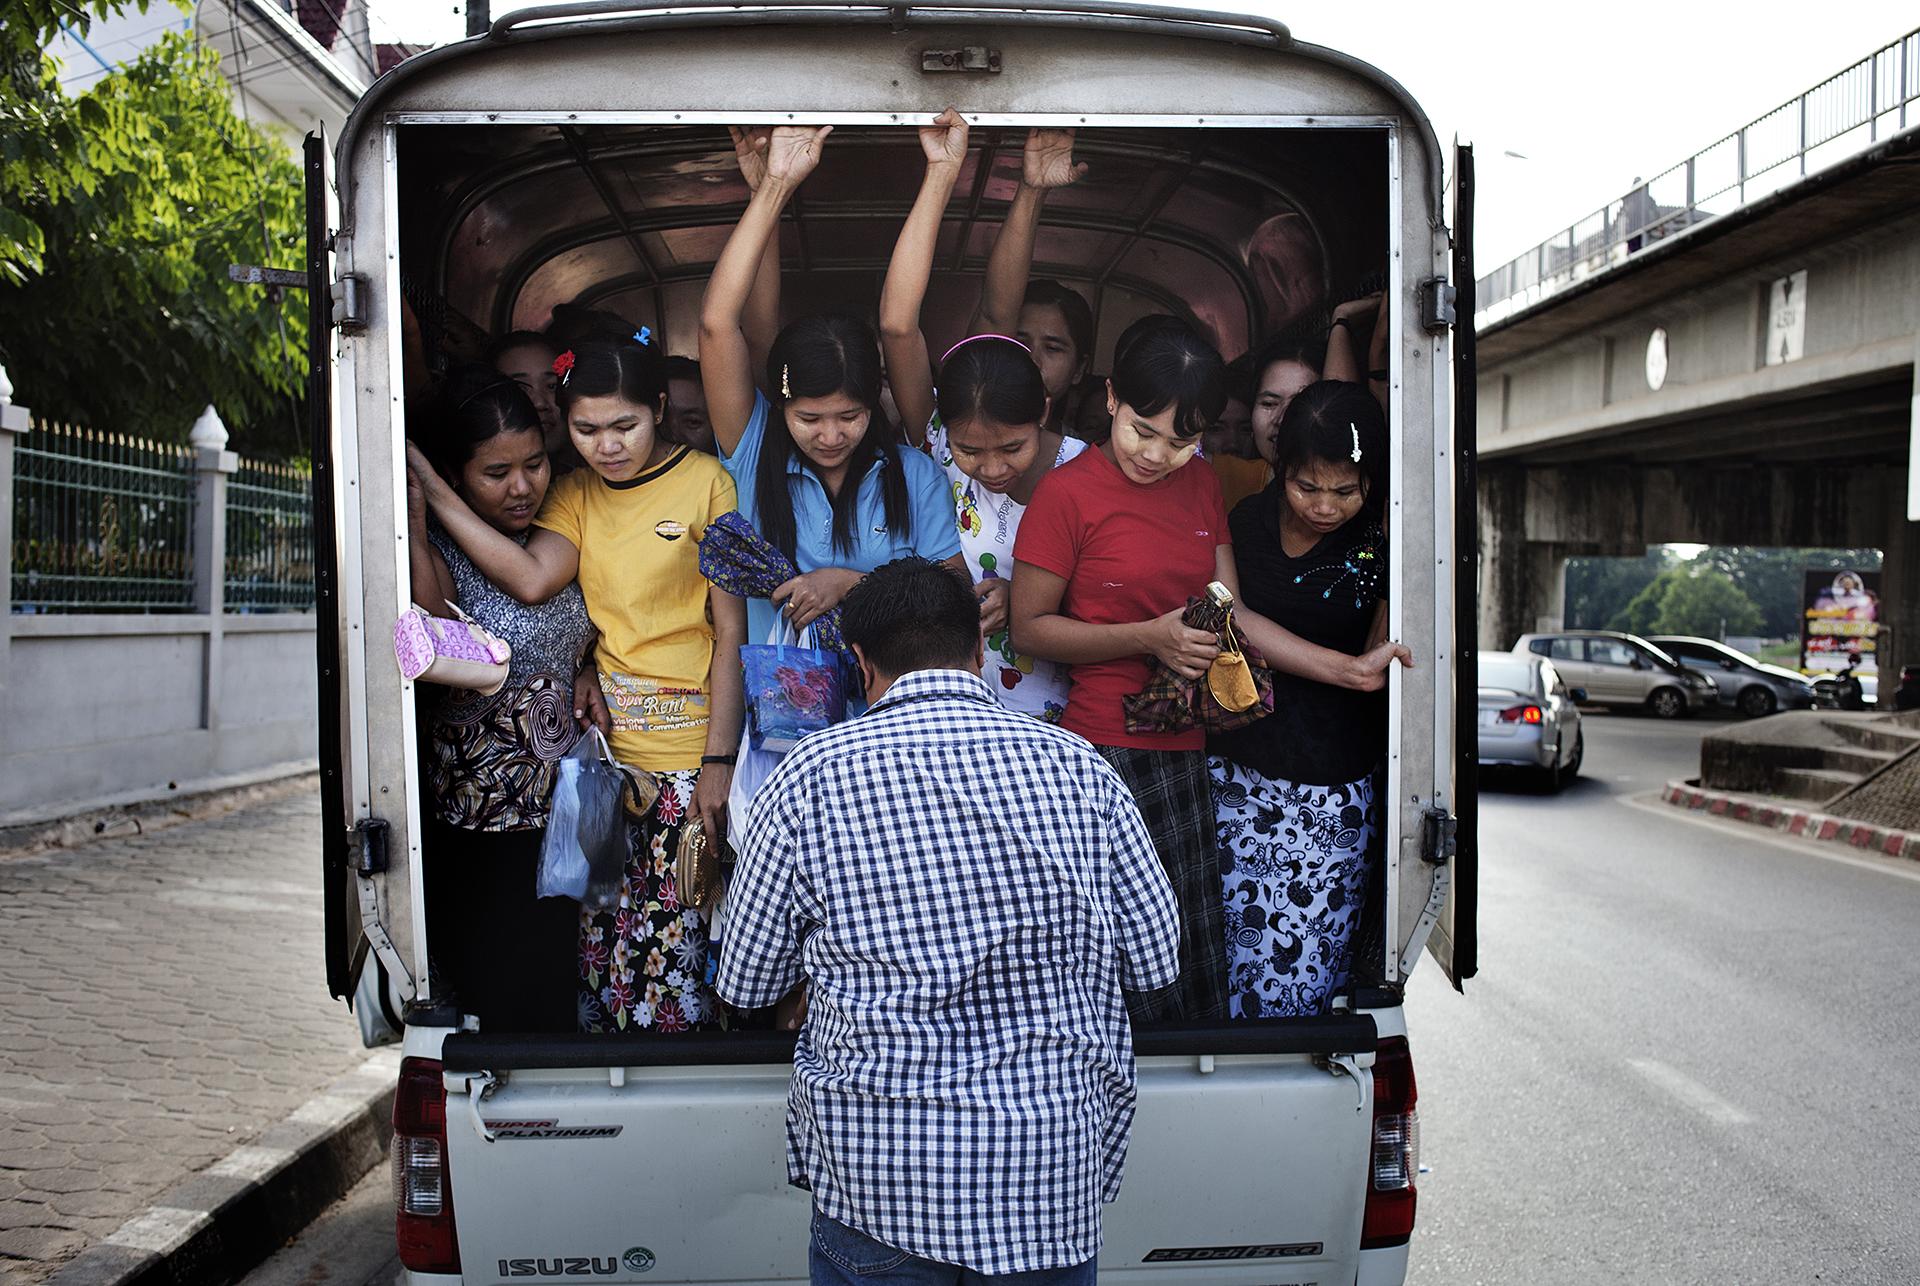 Des femmes sont emmenées à l'usine par un contremaître thaïlandais. Elles viennent de traverser la frontière et de renouveler leurs permis de travail. Leurs passeports sont confisqués par les gérants de l'usine. Poste frontière du pont de l'amitié, Province de Tak, Thaïlande, novembre 2013A Thai man fetches Burmese women in front of the thai custom office to bring them up for work in a factory, located in the nearby town, Mae Sot.Burmese are often employed as cheap labor in Thailand. Absence of rights lead to a high risk of extortion, arbitrary detention, forced labour and physical abuses. Border checkpoint Friendship bridge, Thailand. November 2013